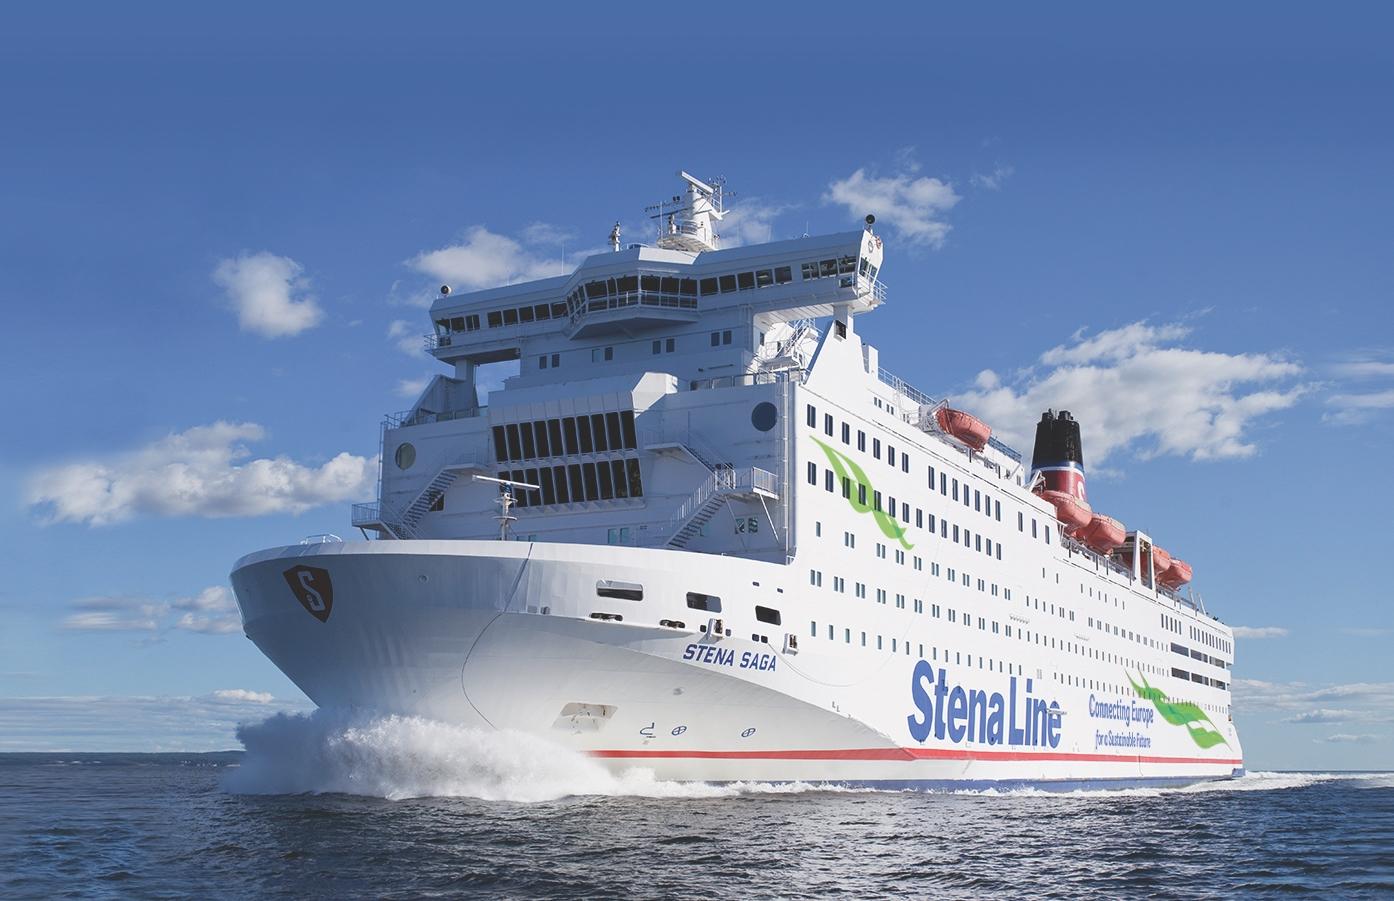 """Stena Line åbnede i 1979 ruten mellem Oslo og Frederikshavn – den er gennem årene blevet betjent af tre skibe, alle med navnet Stena Saga. Næsten en halv million passagerer rejser årligt via ruten. Blandt de loyale kunder er der oprettet en Facebook-gruppe kaldet """"Stena Sagas Venner"""" med over 12.000 medlemmer. Foto: Stena Line."""